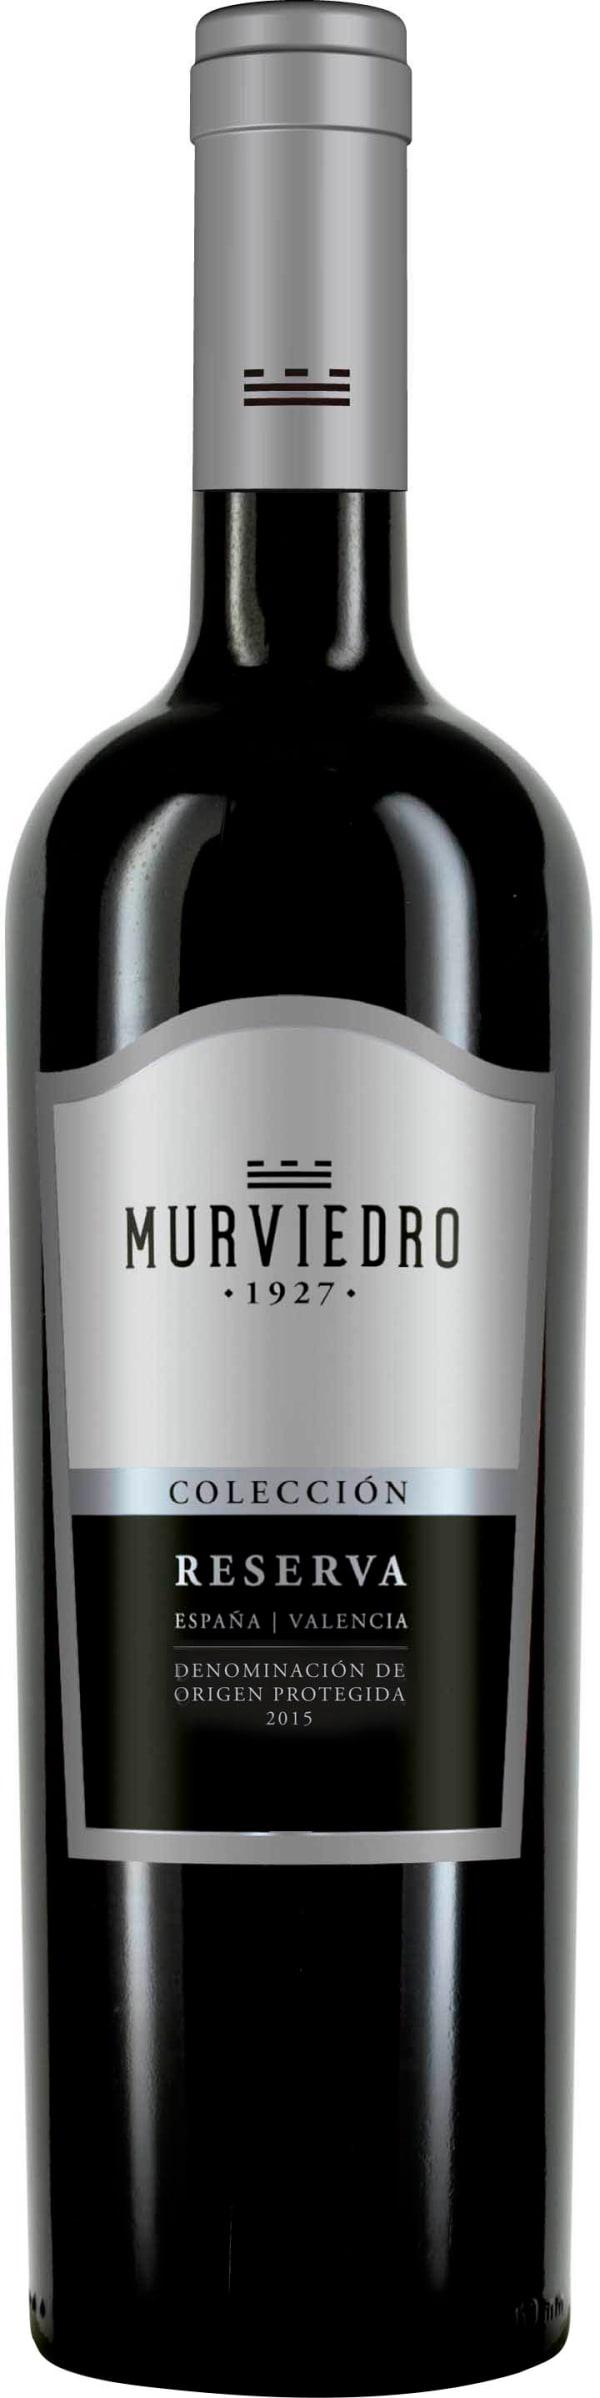 Murviedro Colección Reserva 2015